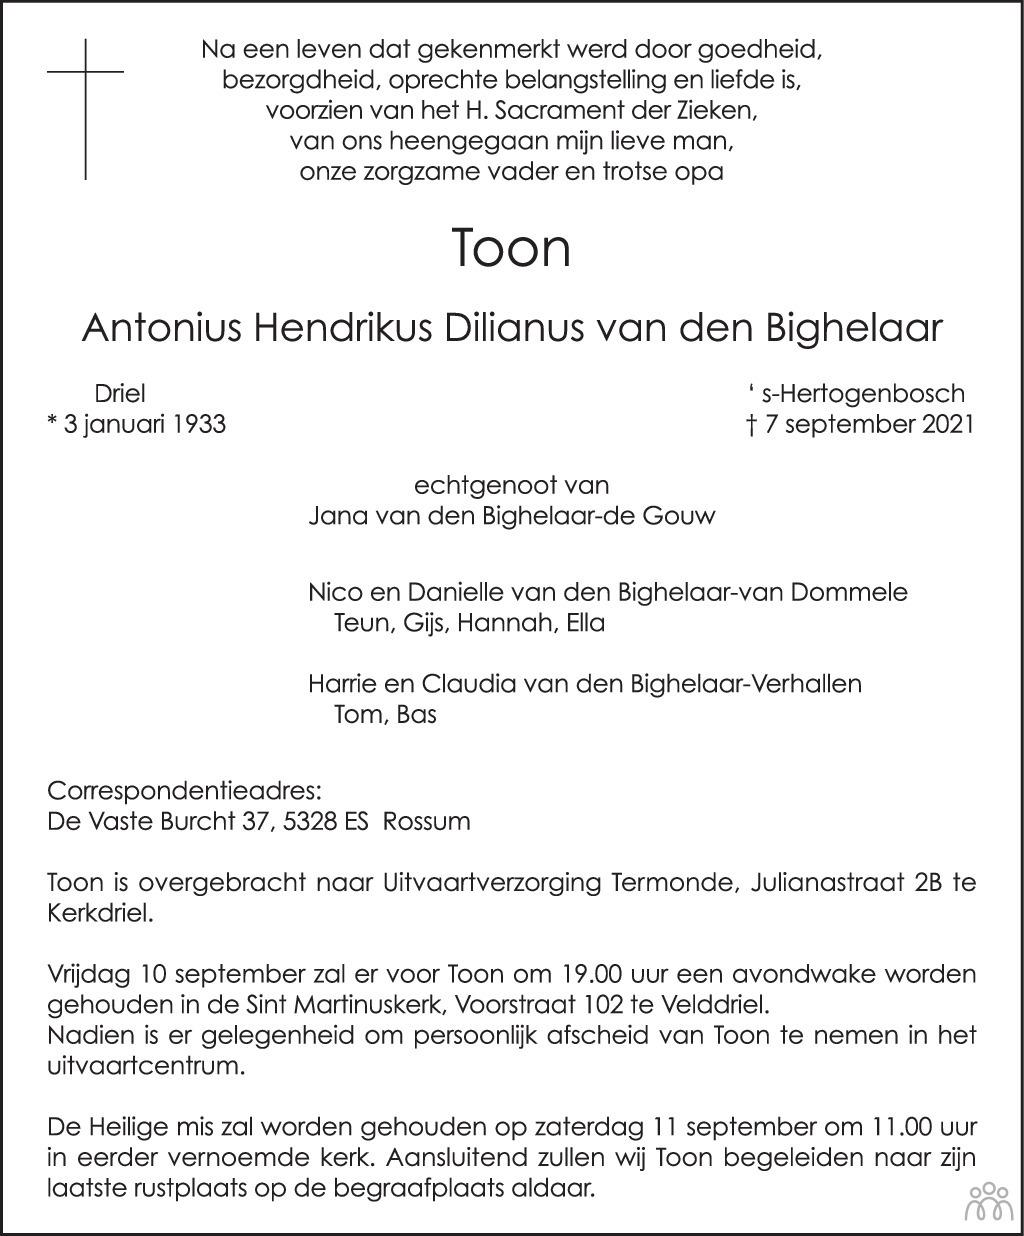 Overlijdensbericht van Antonius Hendrikus Dilianus (Toon) van den Bighelaar in Brabants Dagblad